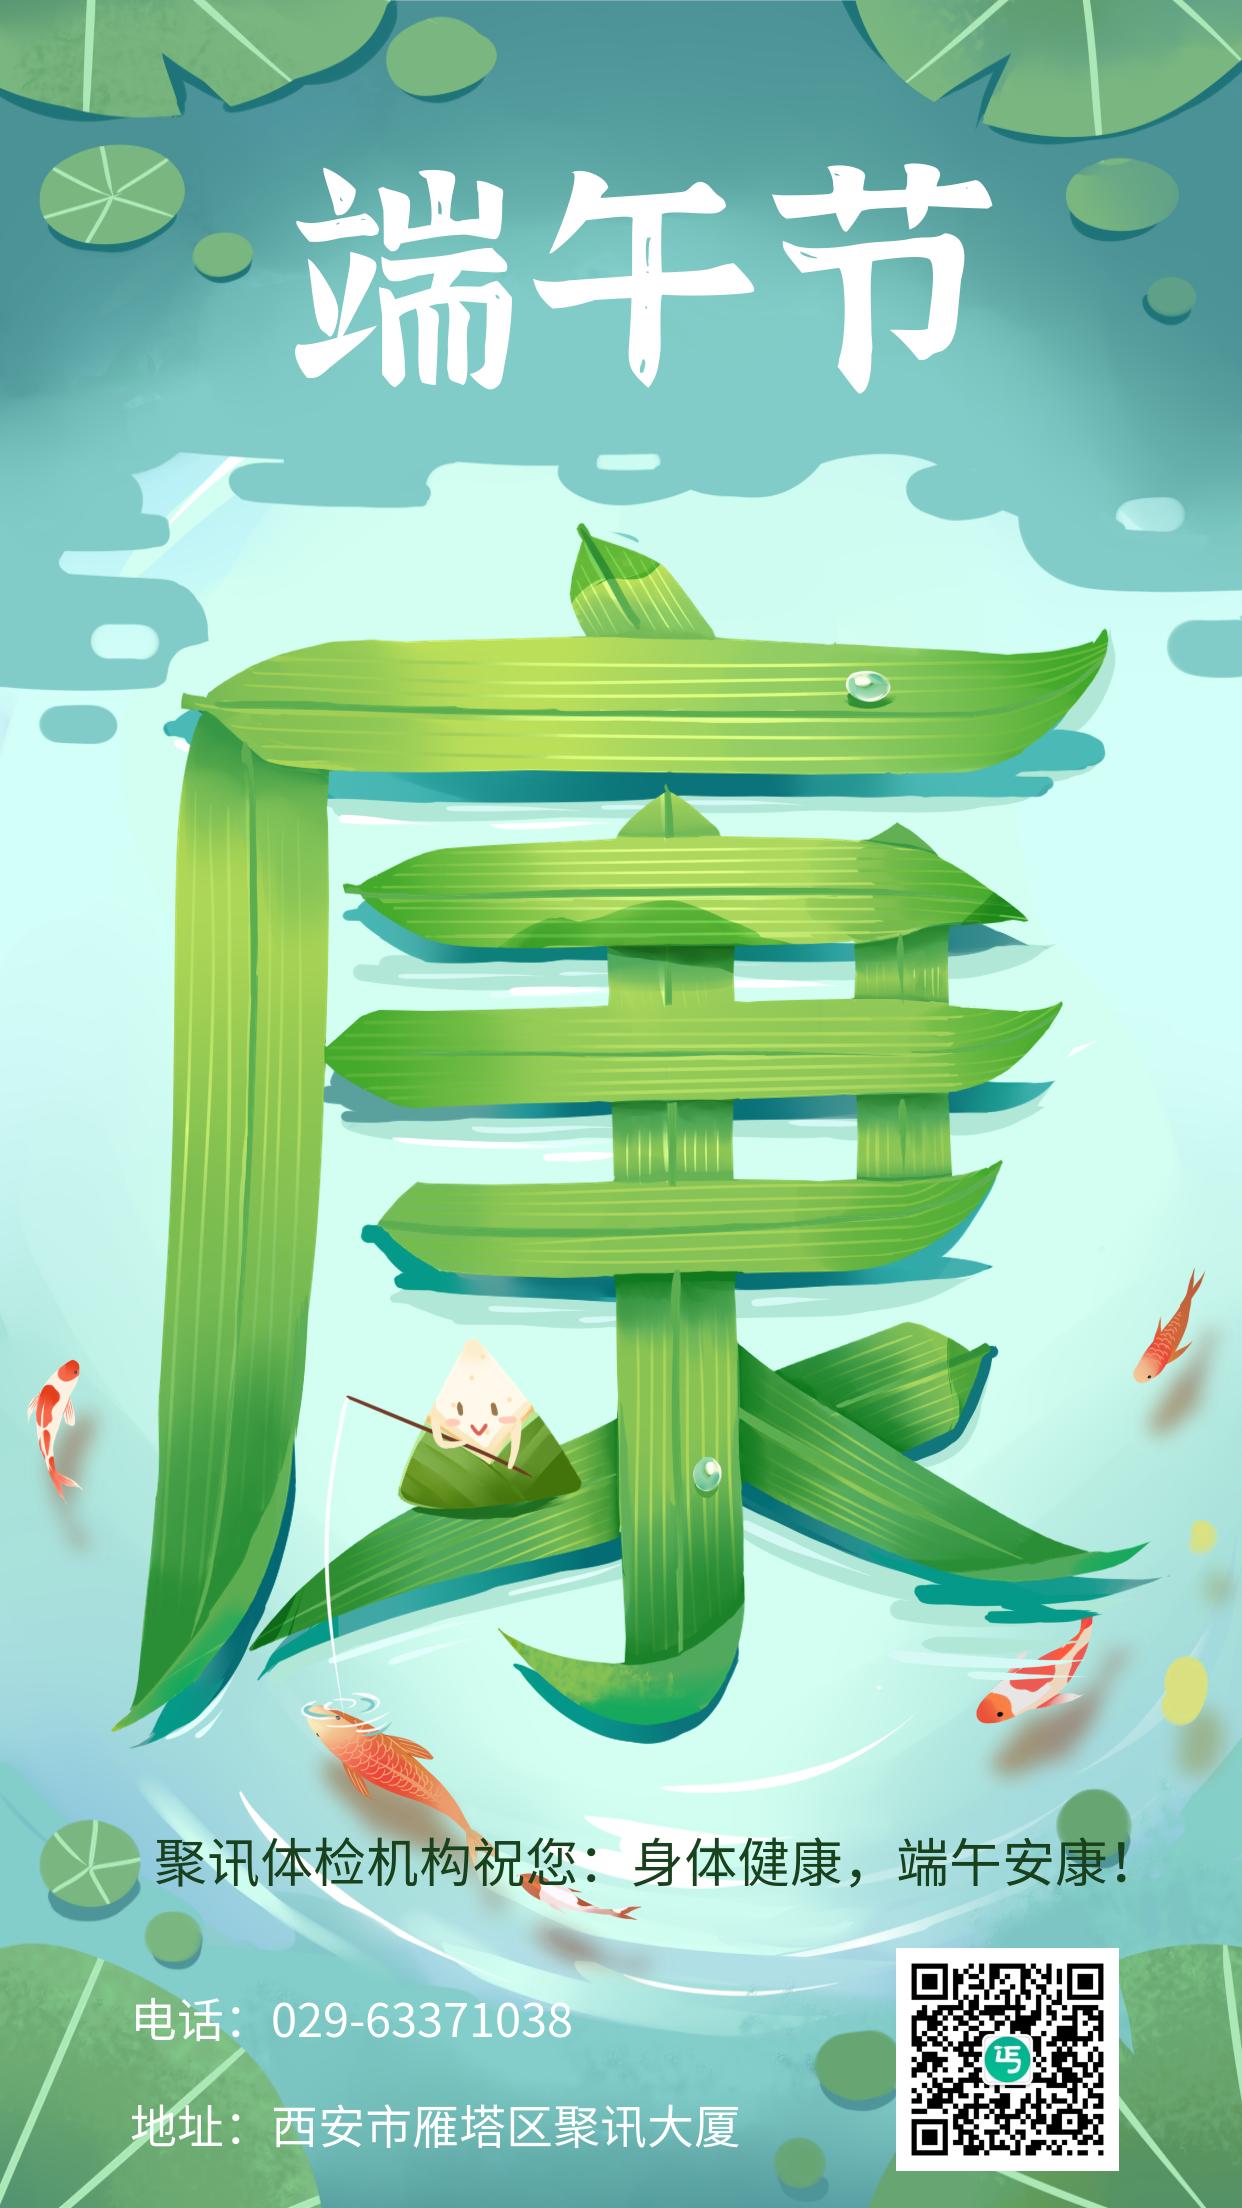 端午节节日祝福手机海报